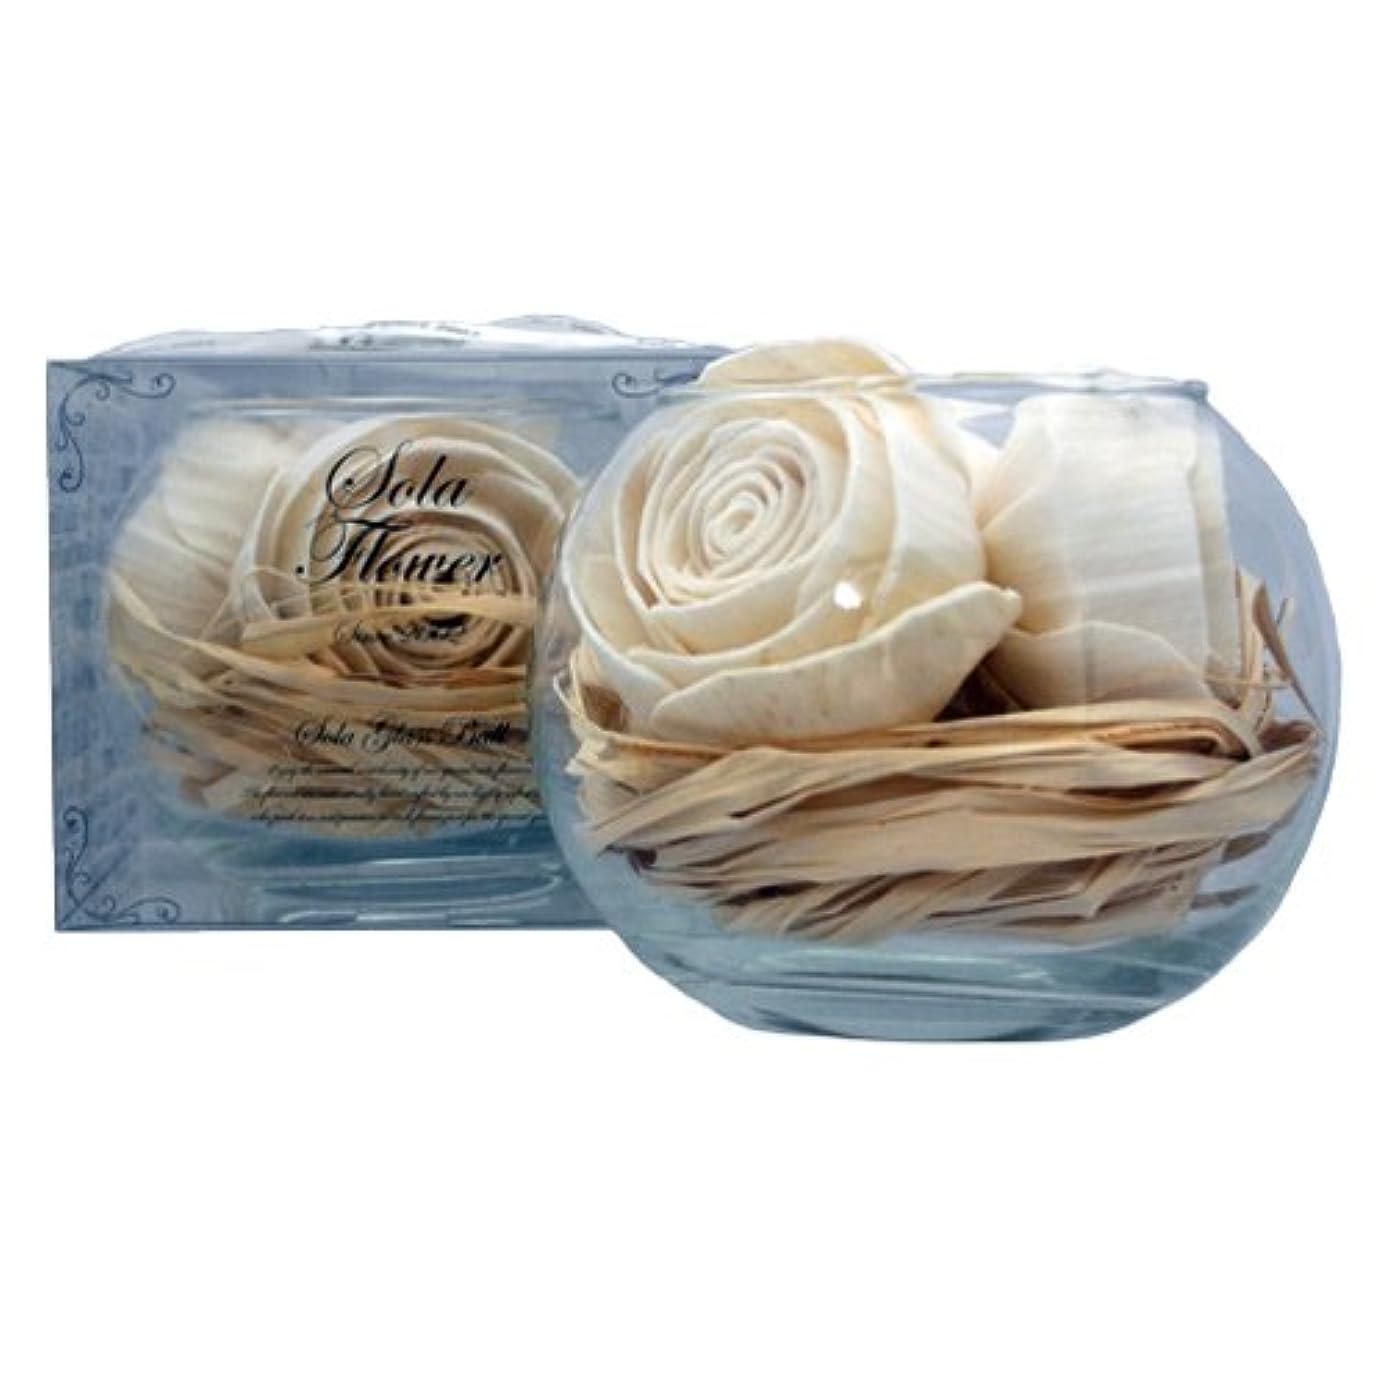 愚かアーサーコナンドイル居心地の良いnew Sola Flower ソラフラワー グラスボウル Original Rose オリジナルローズ Glass Bowl